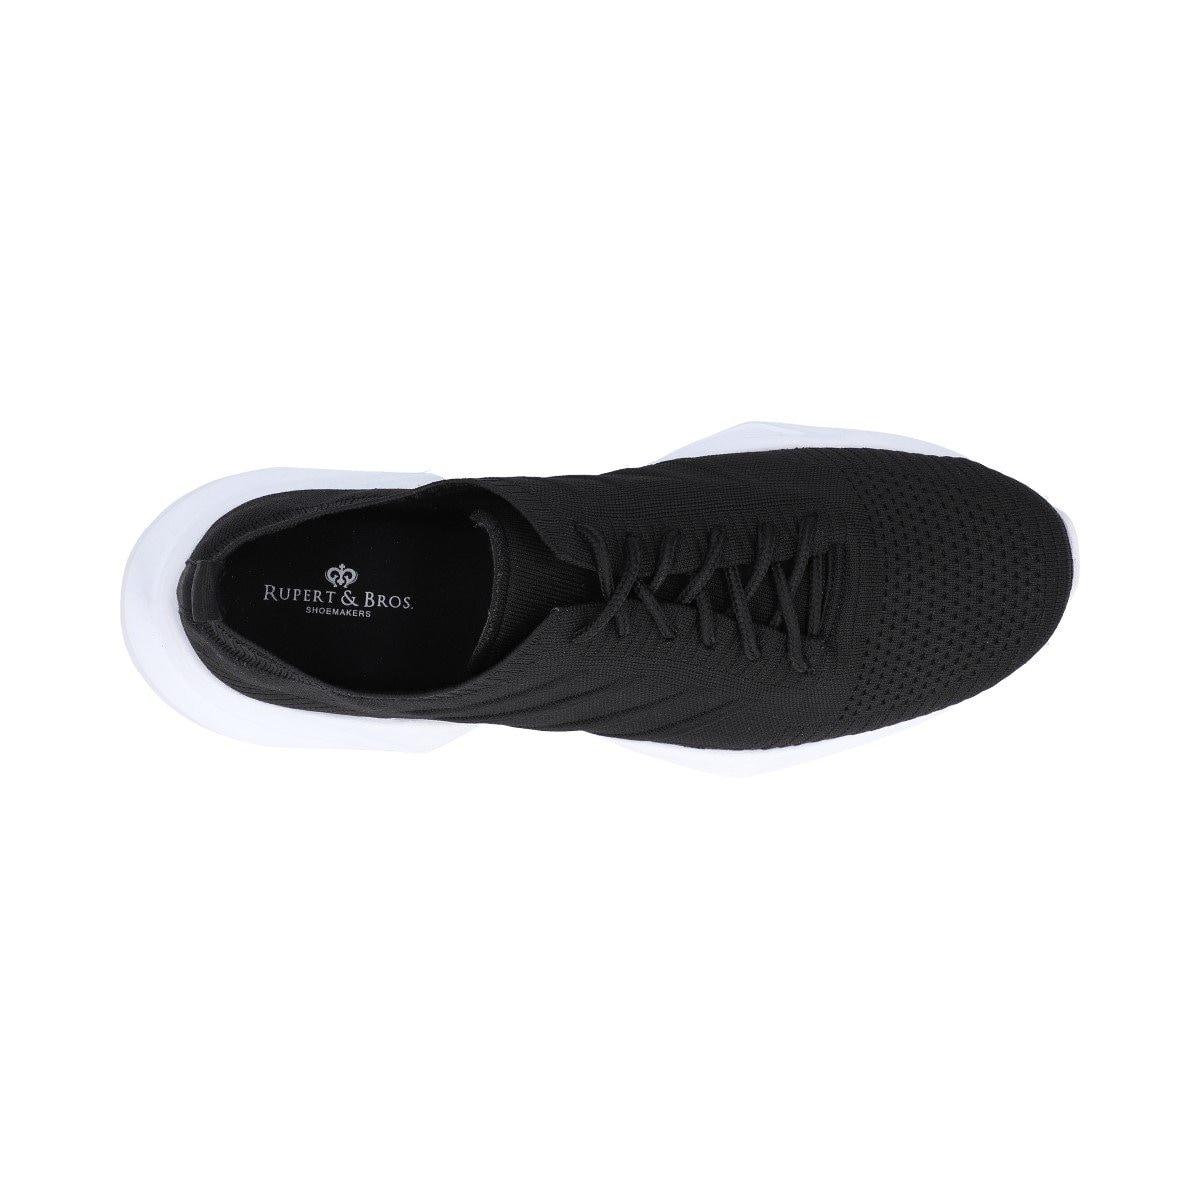 Sneaker Estilo Chuncky Negro Rupert & Bros